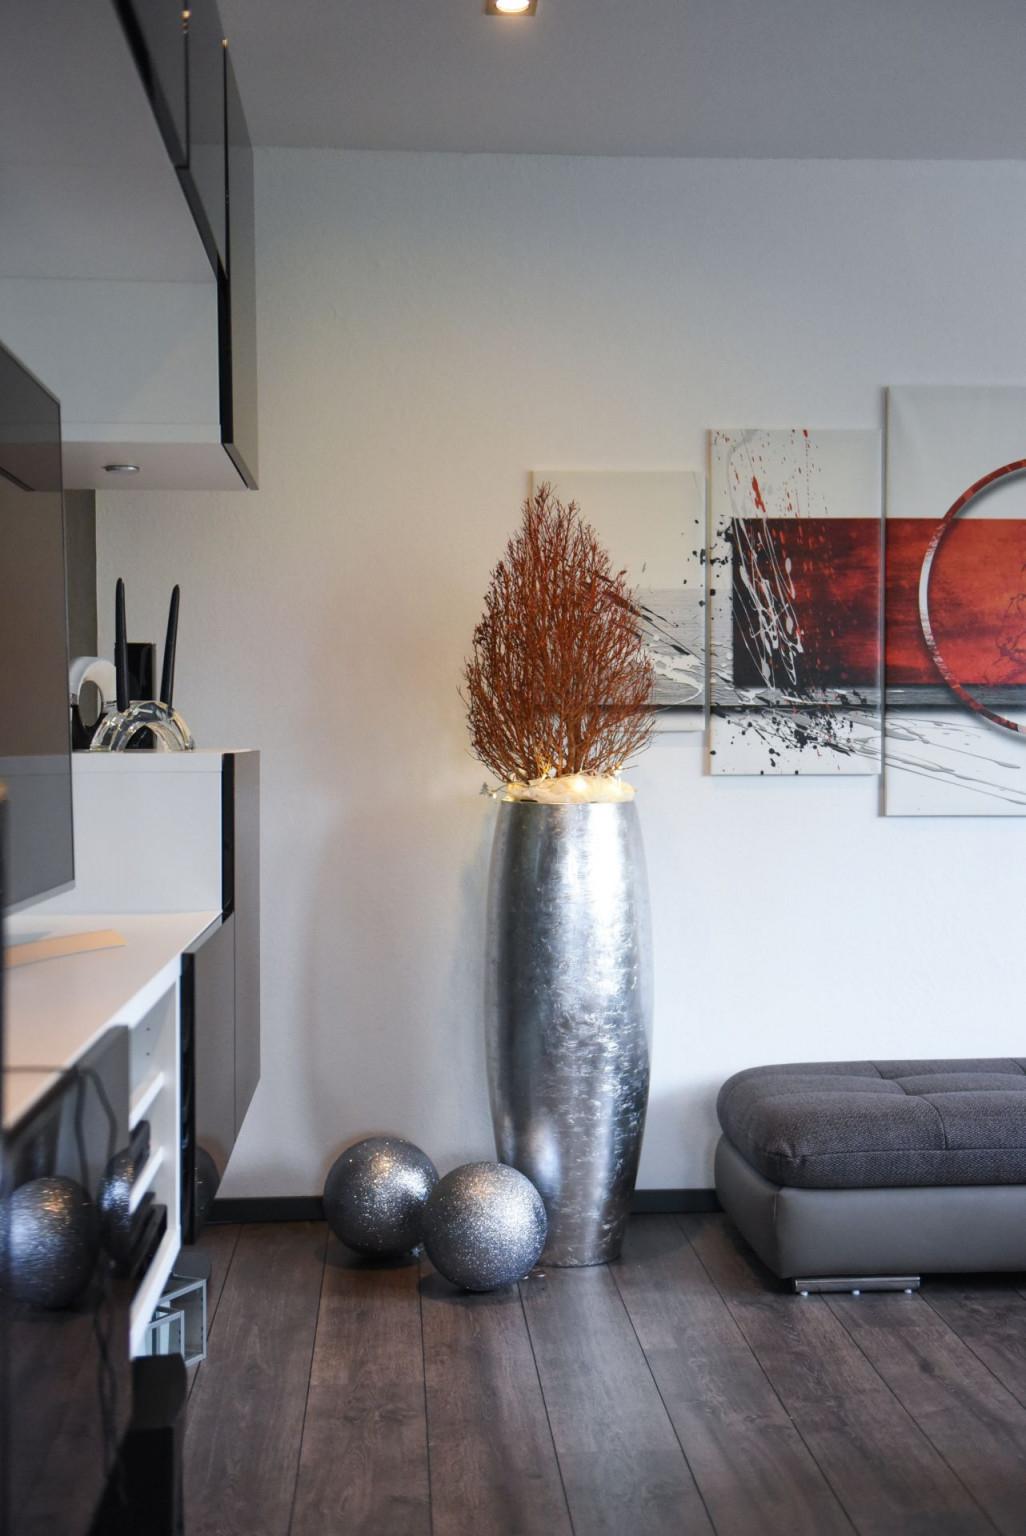 Wohnzimmer Skandinavisch Dekorieren – Caseconrad von Silber Deko Wohnzimmer Photo